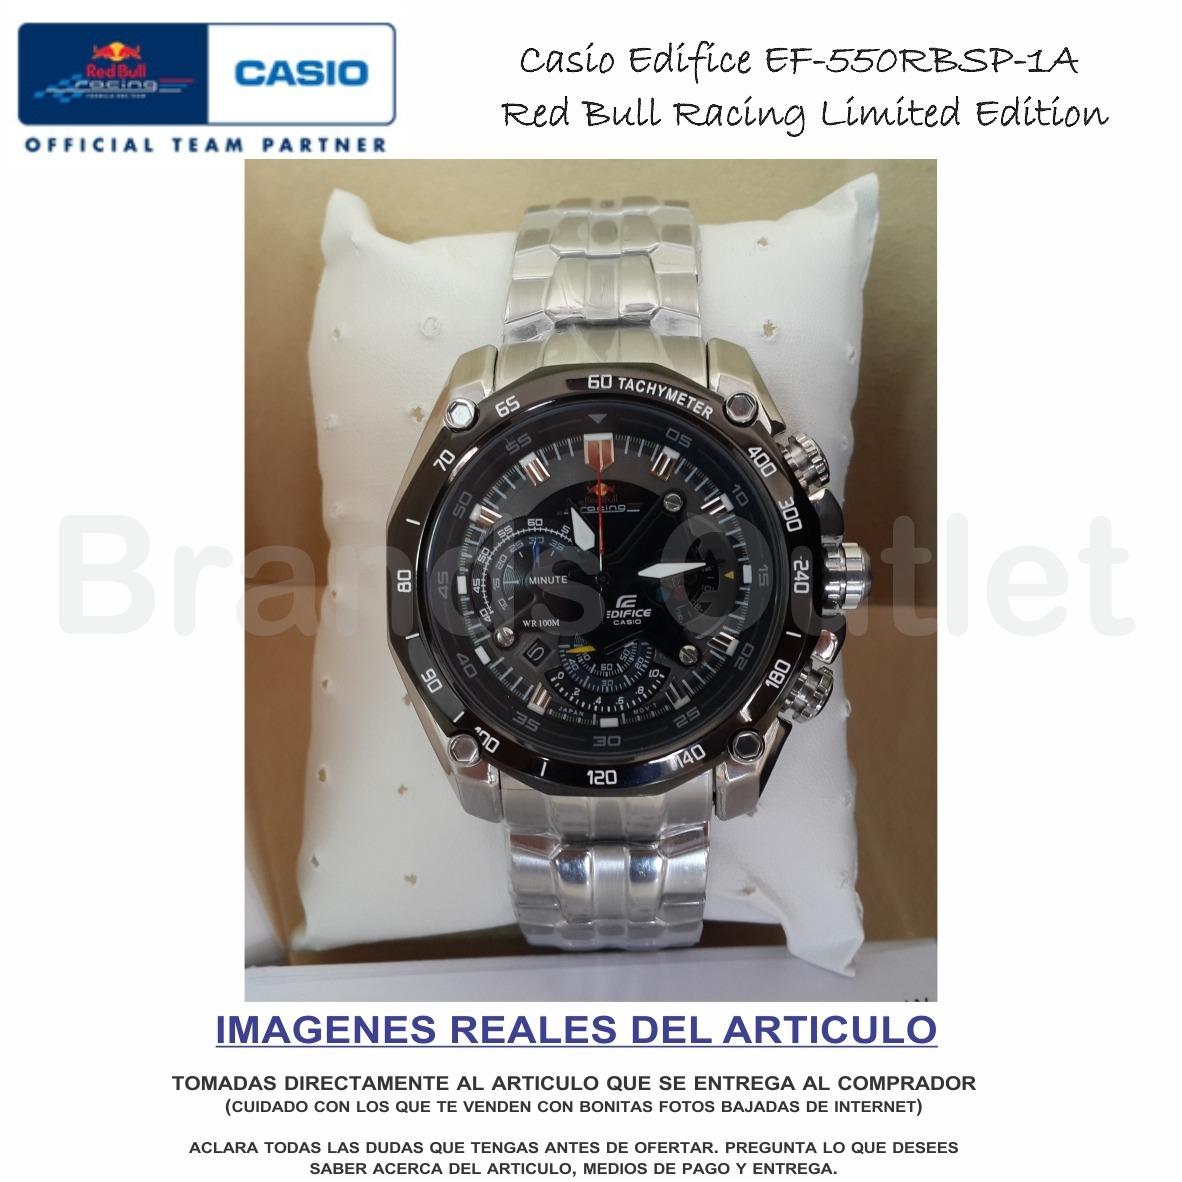 b54c87ff7ec8 reloj casio edifice redbull original- obsequio- envío gratis. Cargando zoom.